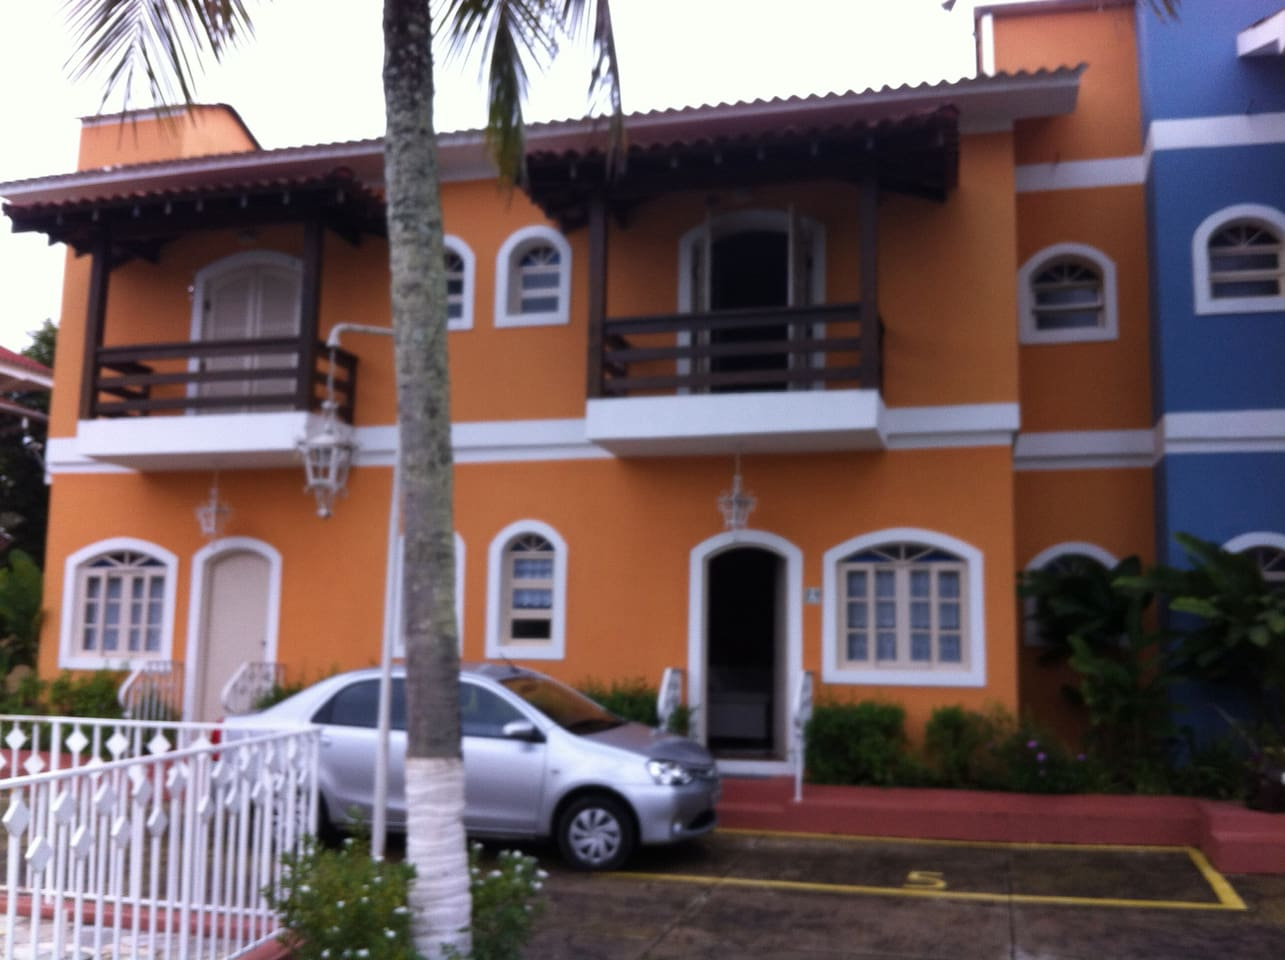 Frente - Refere-se a Casa 5 - a primeira laranja após a azul